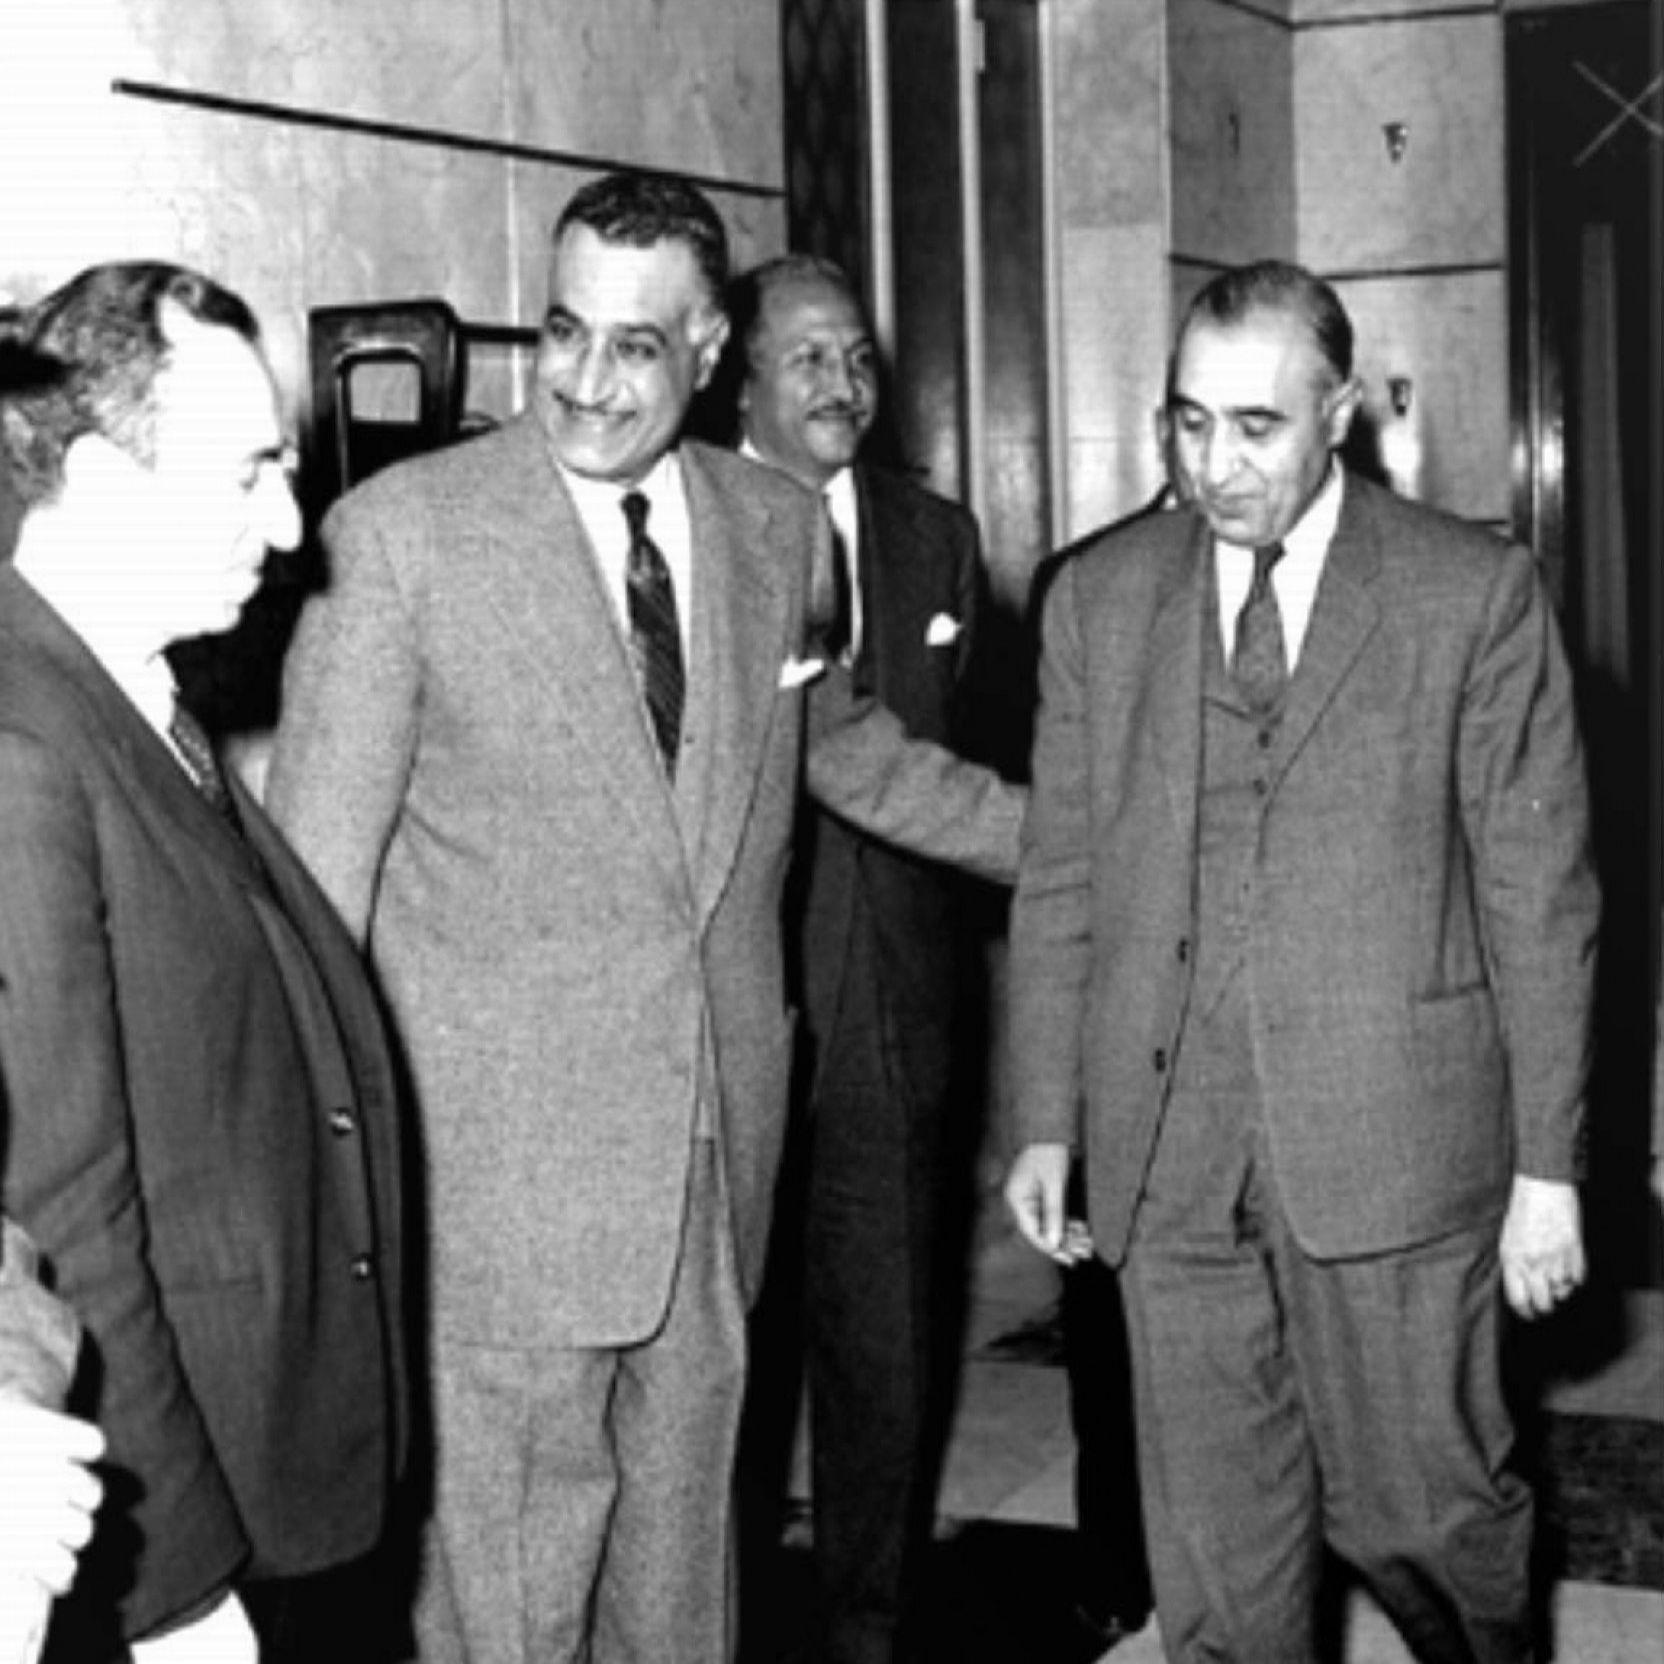 عفلق-مع-عبد-الناصر-وصلاح-البيطار-عام-1958.